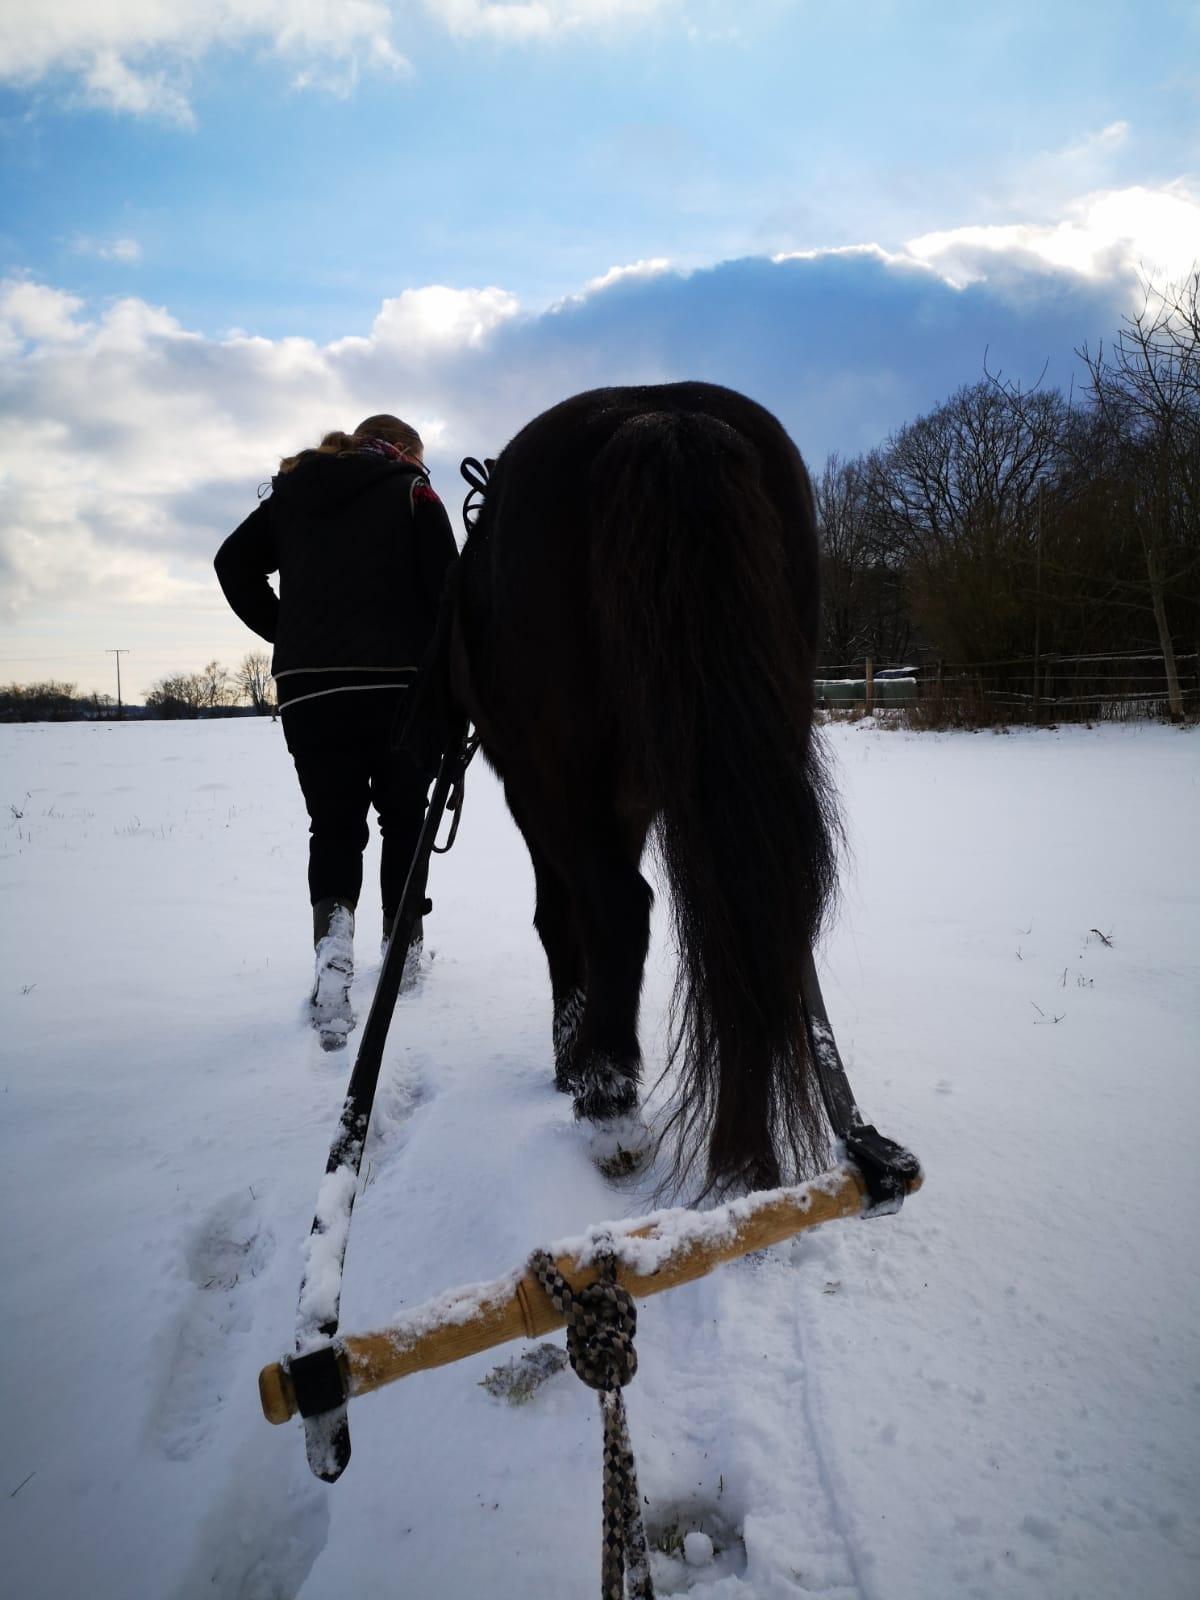 Blick vom Schlitten aufs Pferd